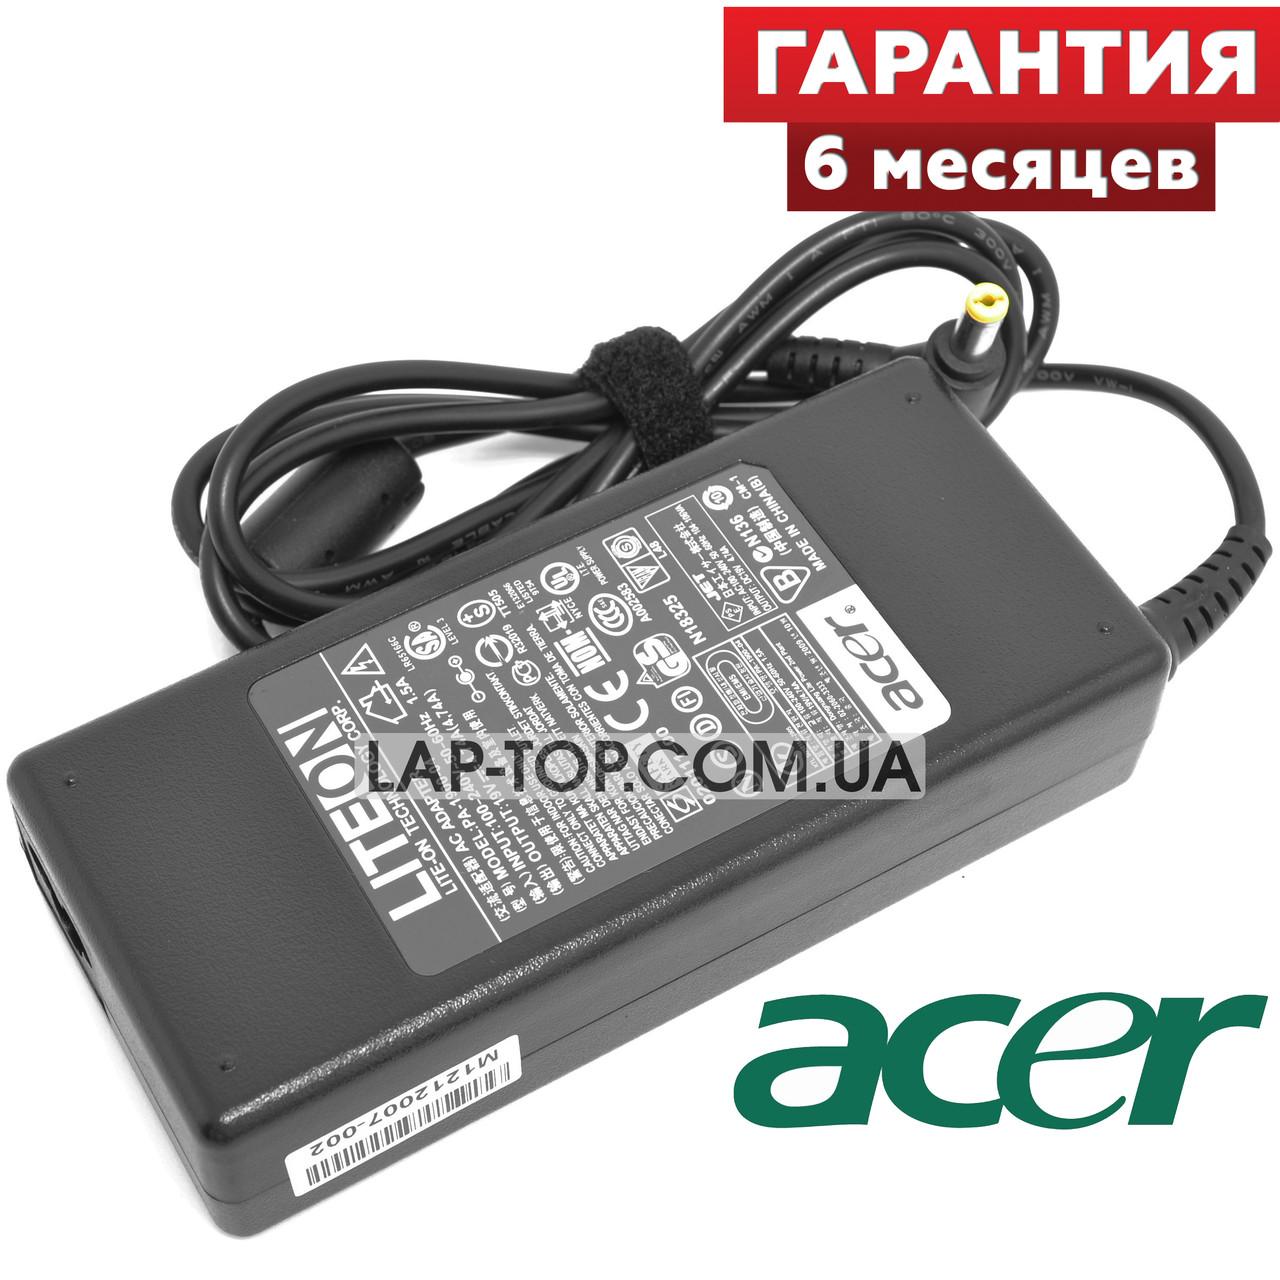 Блок питания для ноутбука ACER 19V 4.74A 90W 5.5*1.7